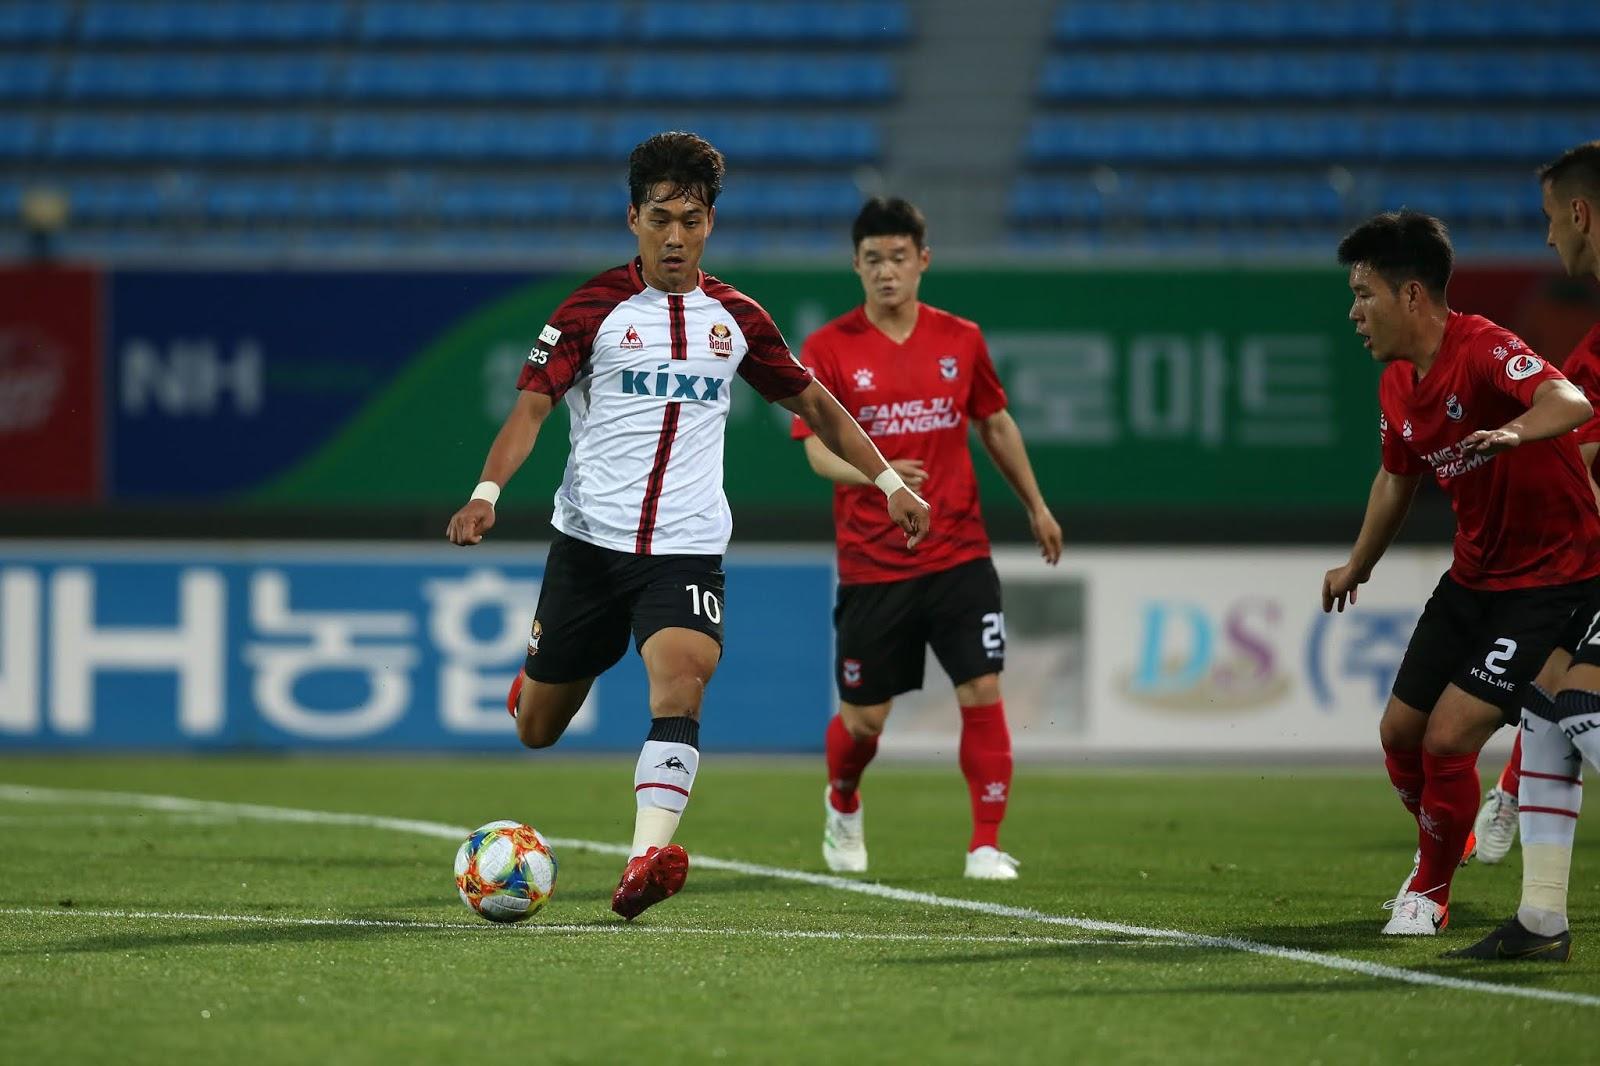 「韩K联」赛事前瞻:FC首尔vs釜山偶像,FC首尔利刃出销